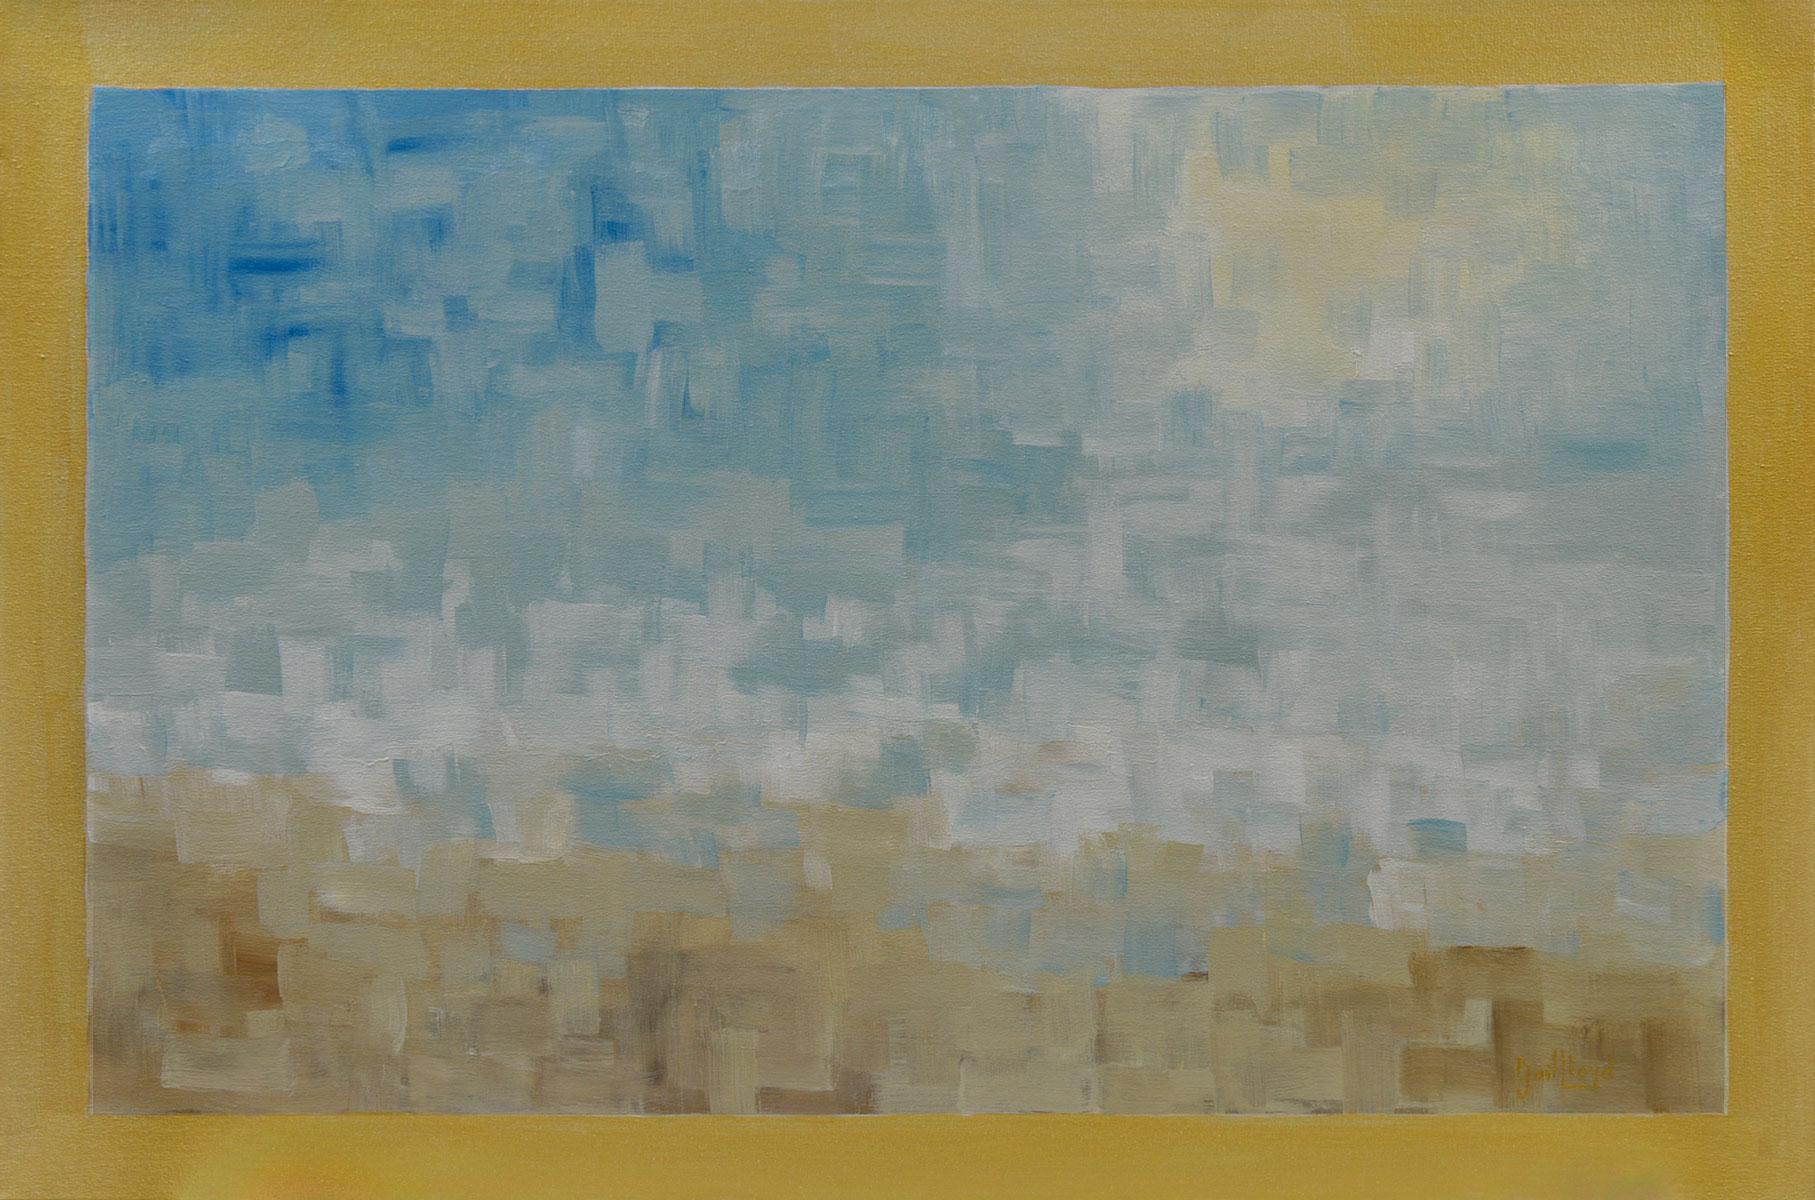 Peaceful-24x36-Acrylic.jpg